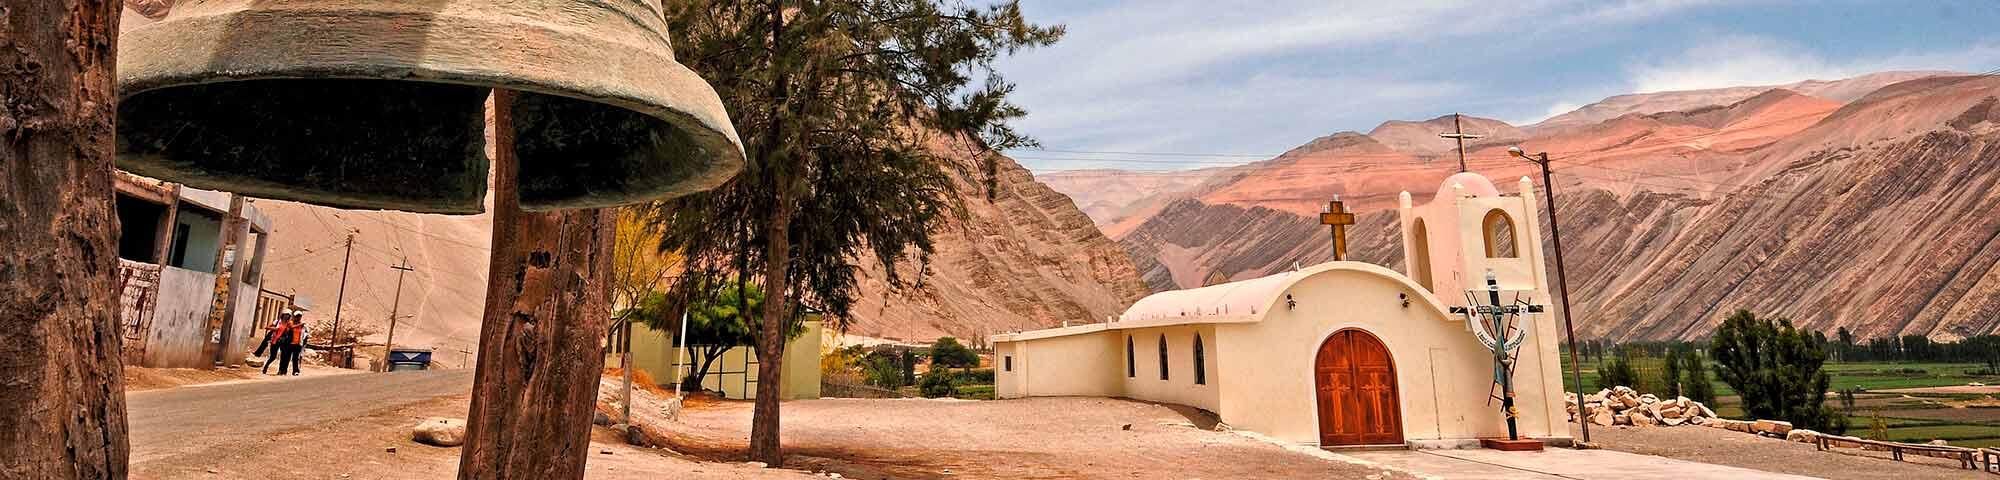 Valle de Majes y Petroglifos de Toro Muerto